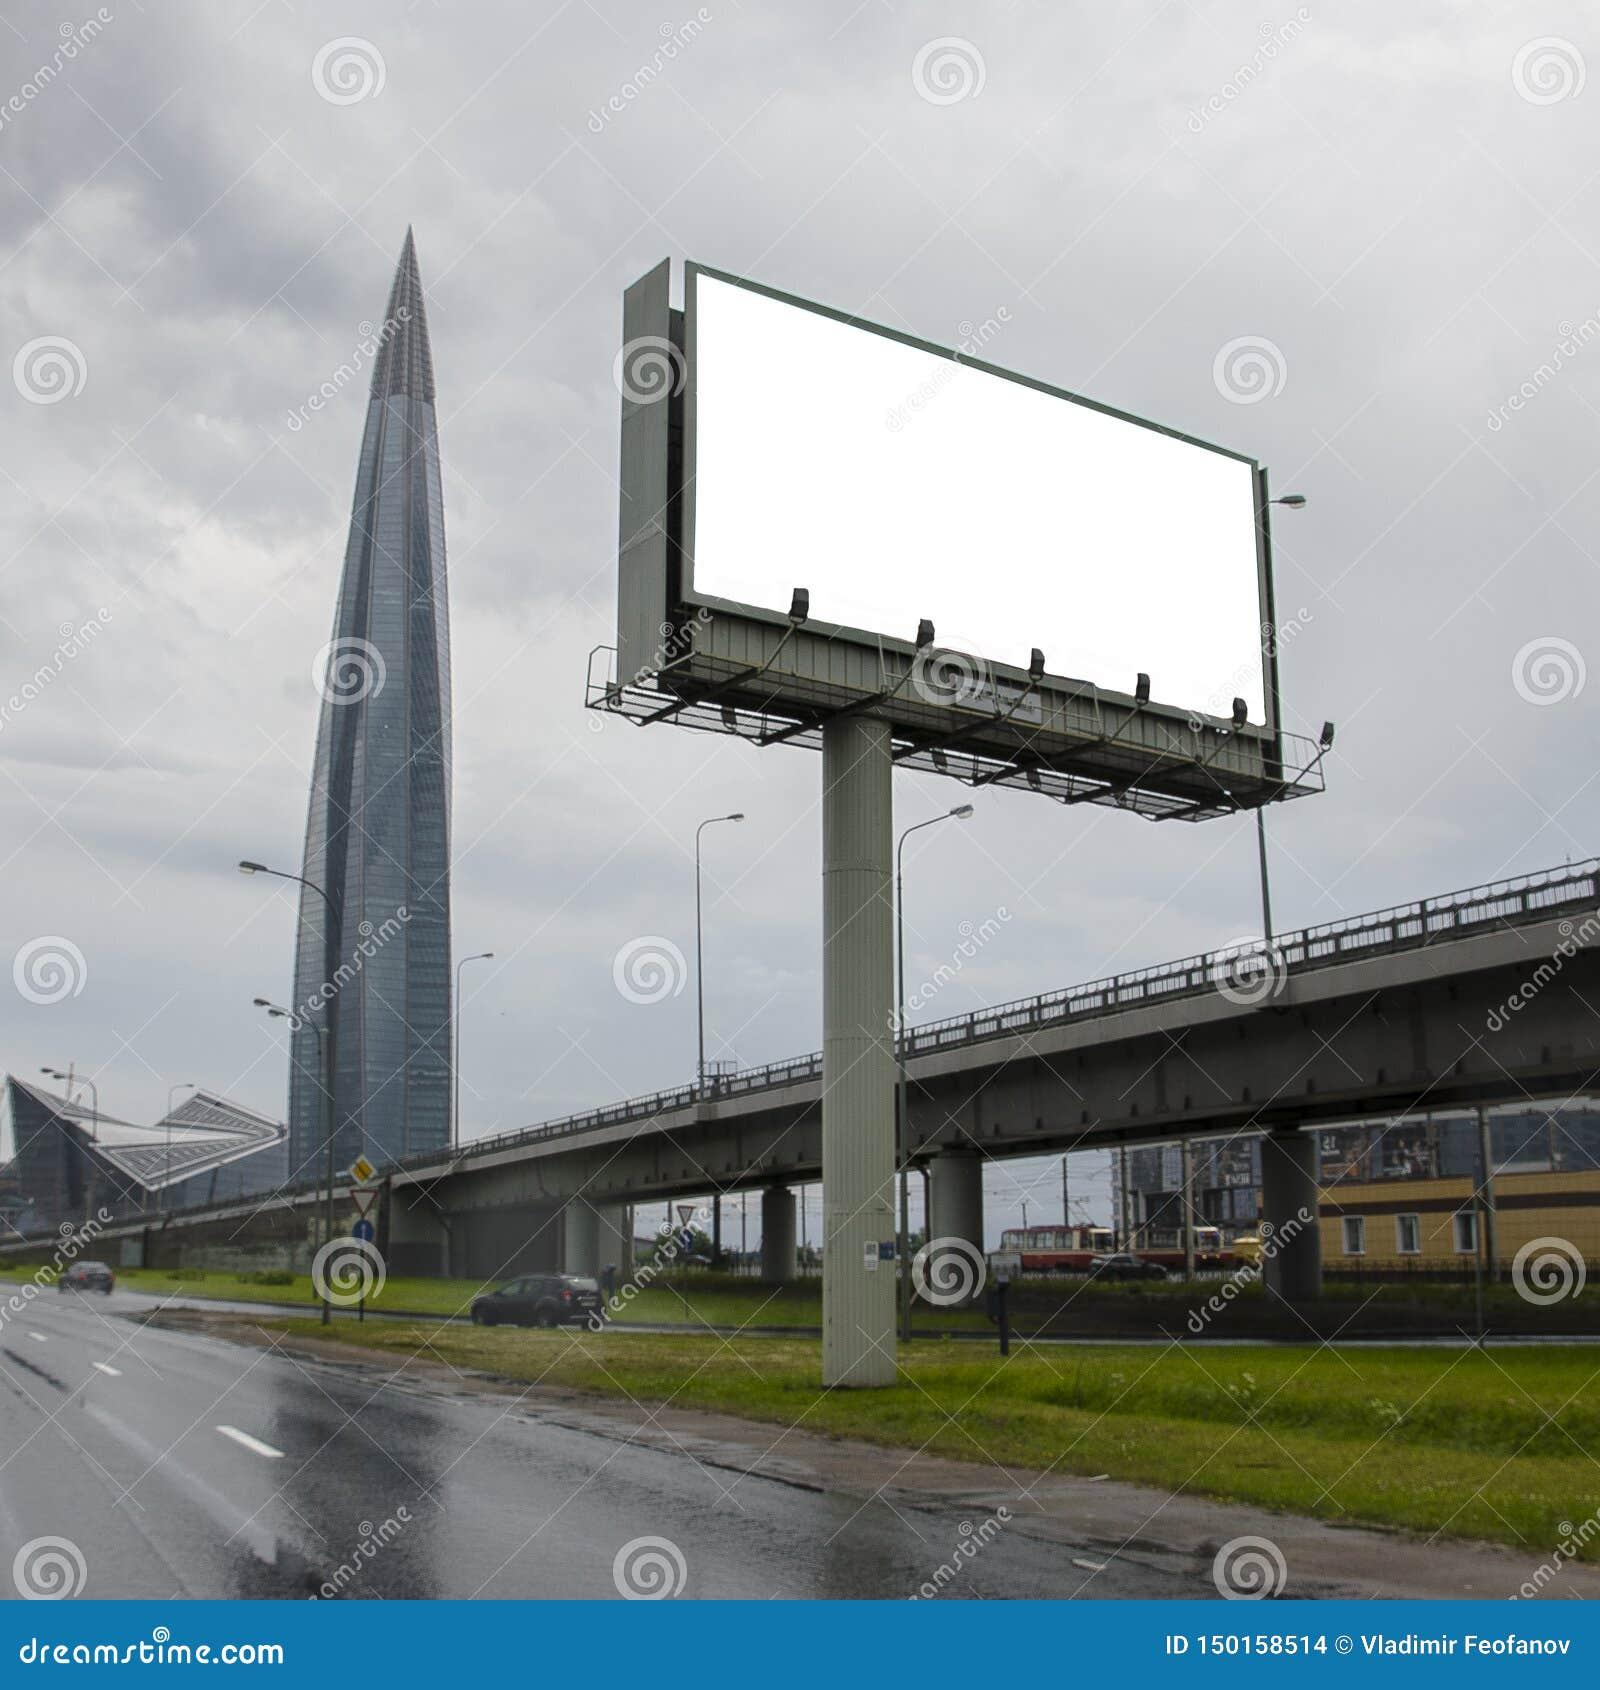 Quadro de avisos vazio no fundo de um grande prédio de escritórios moderno, arranha-céus ordinários do negócio, prédios, arquitet